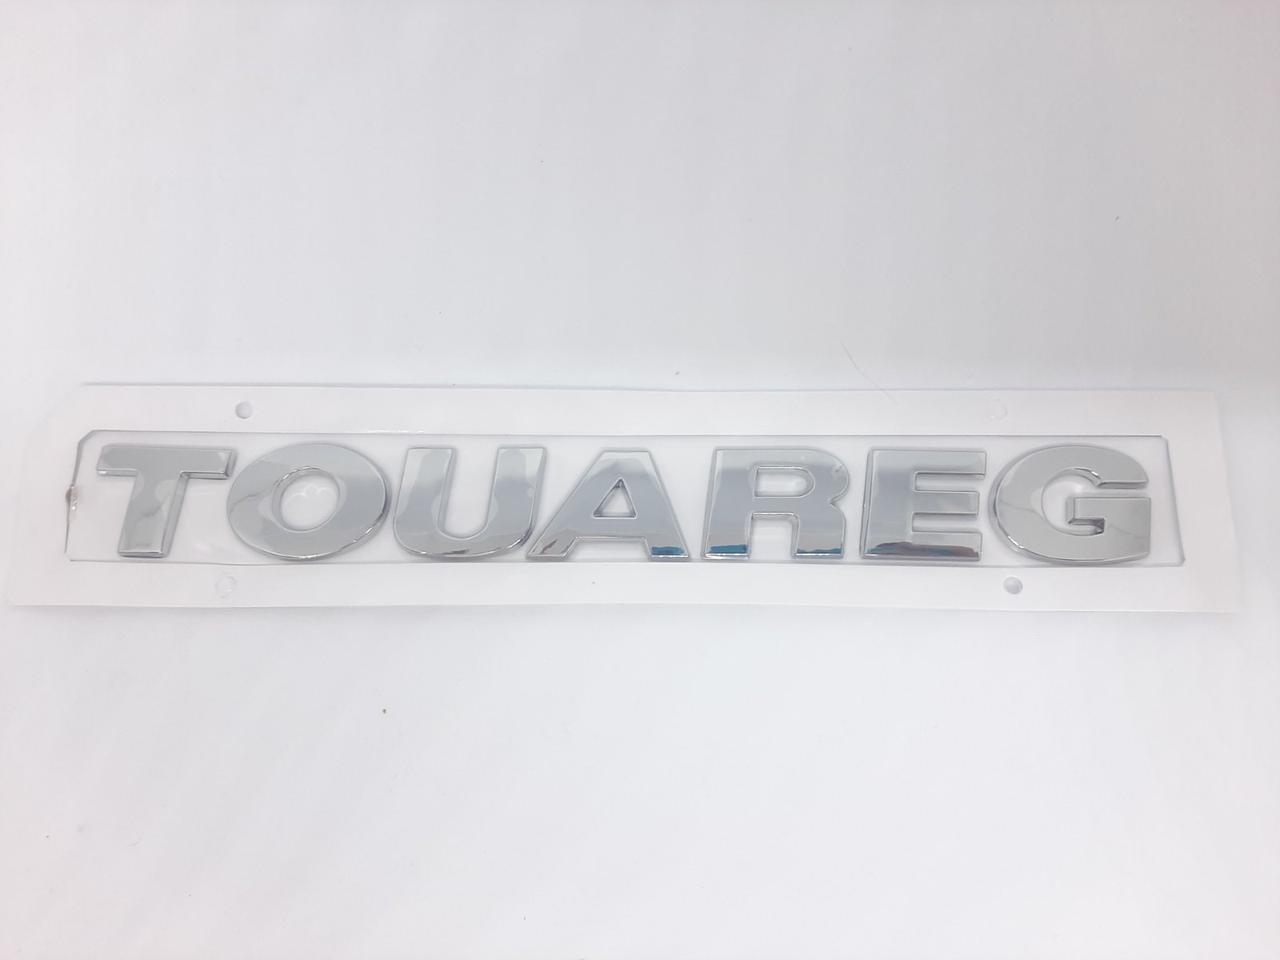 Эмблема логотип надпись буквы Touareg.Volkswagen Touareg